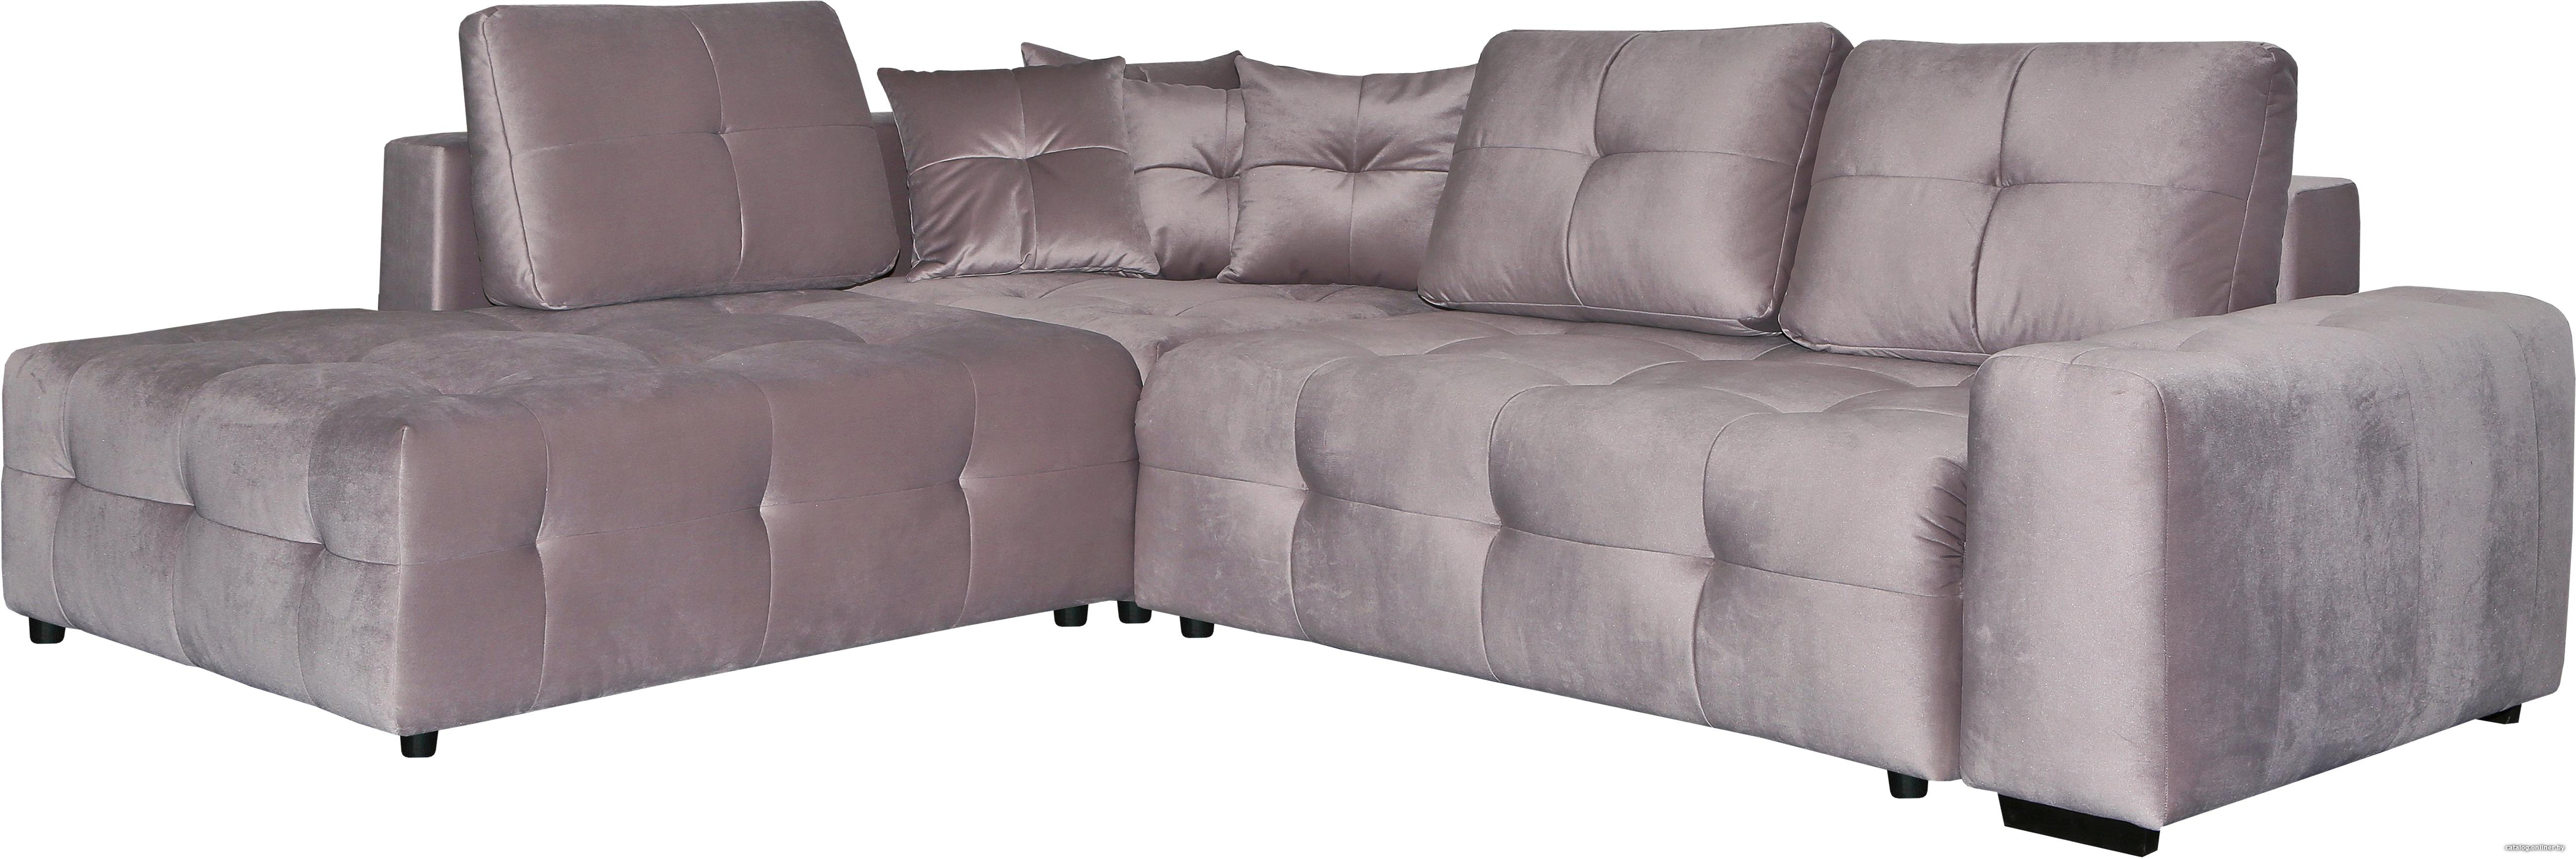 Скрытая камера в диван